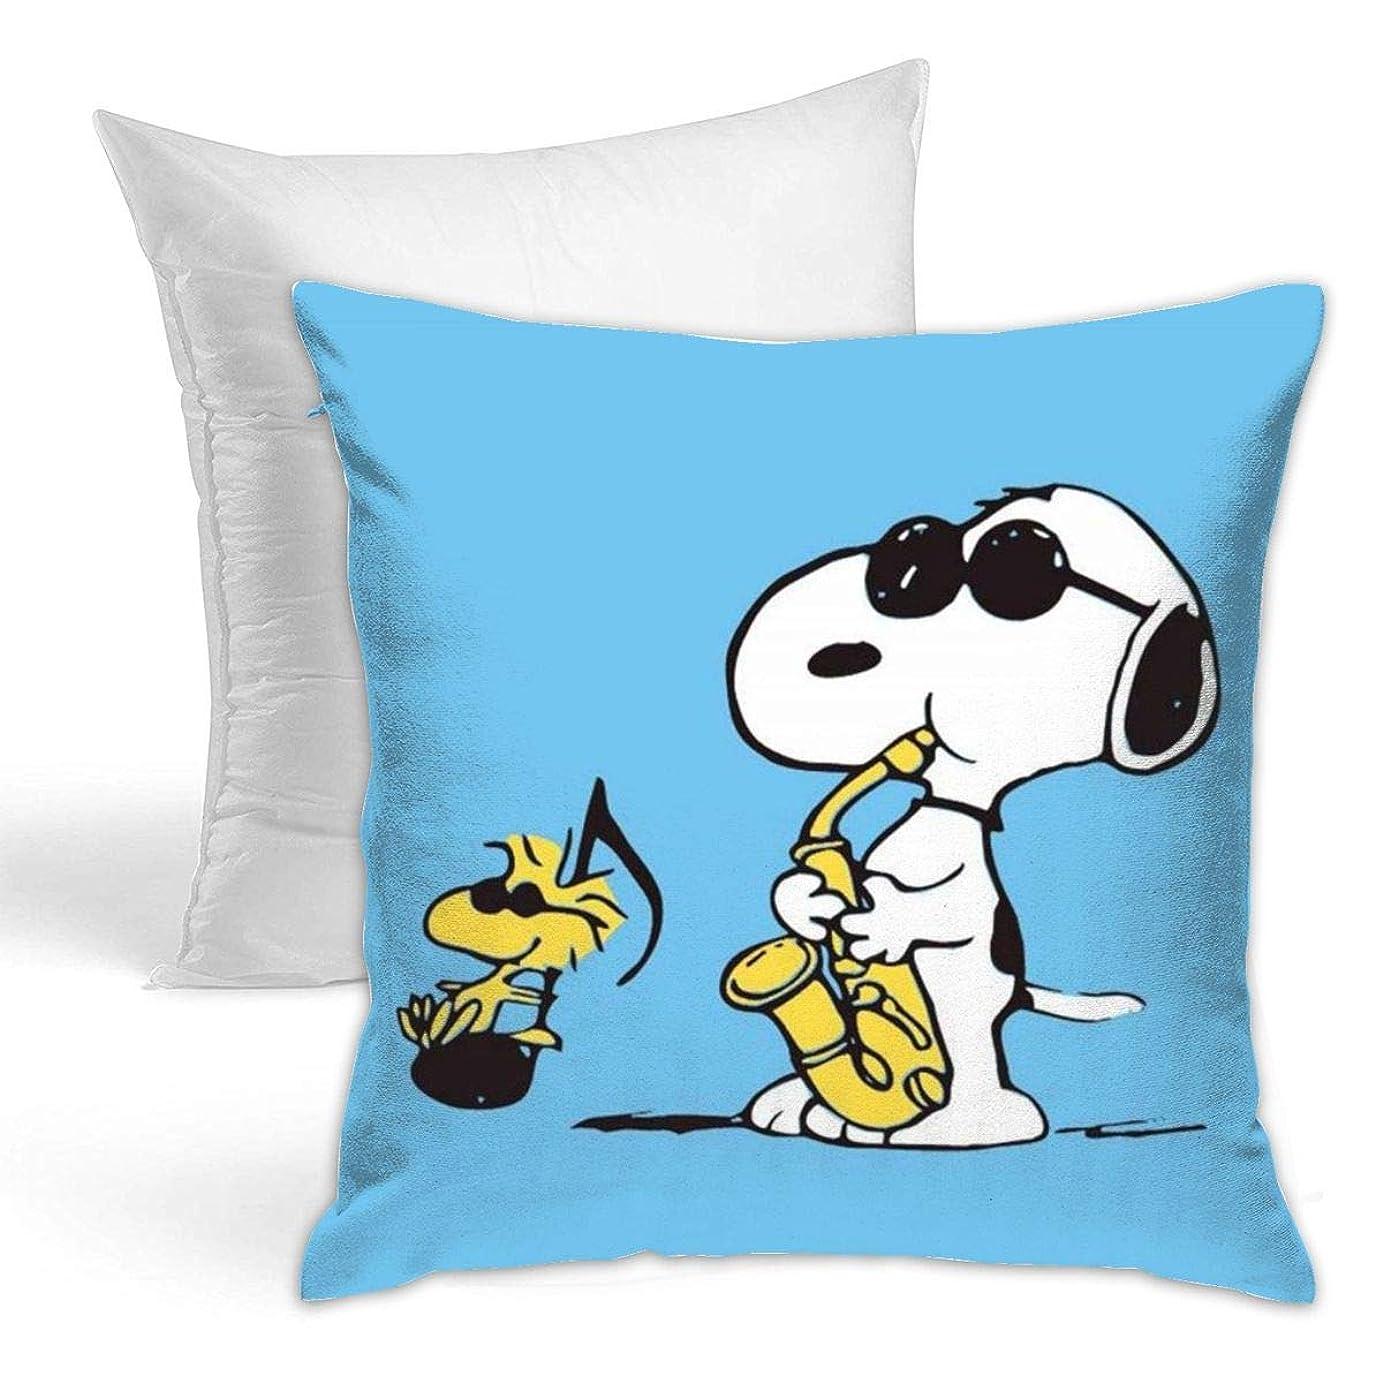 不誠実肥料故国Snoopy 装飾枕両面タイプ 抱き枕 ソファ 抱き枕 装飾 クリスマス枕 座布団 スロー枕 インテリア 装飾的な枕 42 X 42cm